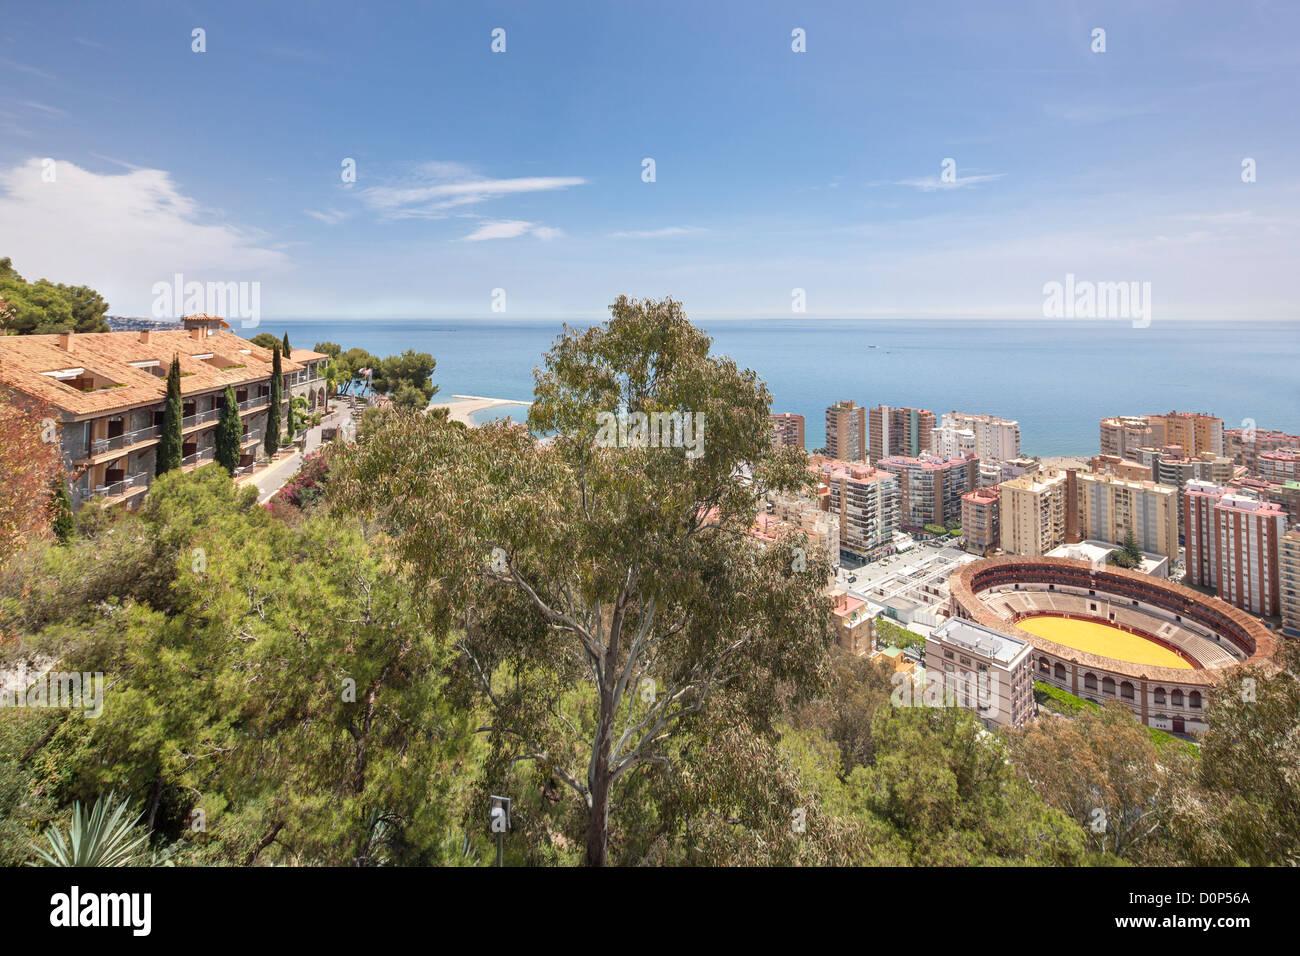 Malaga Parador de Gibralfaro Hotel. Splendida posizione vista migliore vista mare Mediterraneo shore città Immagini Stock